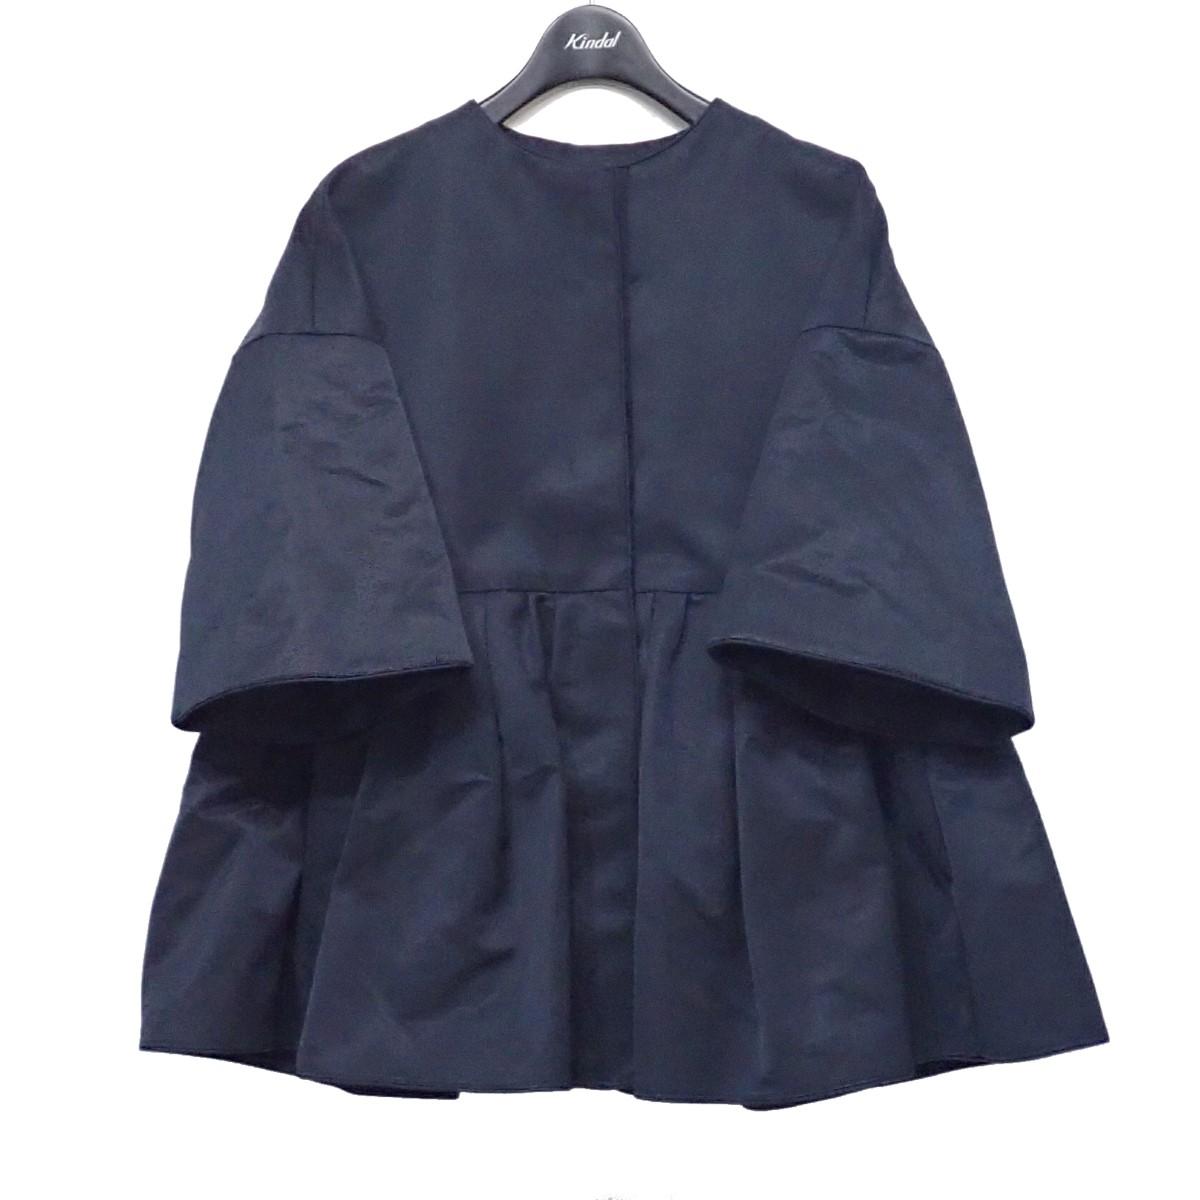 ドゥロワー 贈物 中古 DRAWER グログランショートスリーブジャケット ネイビー 出色 030721 サイズ:36